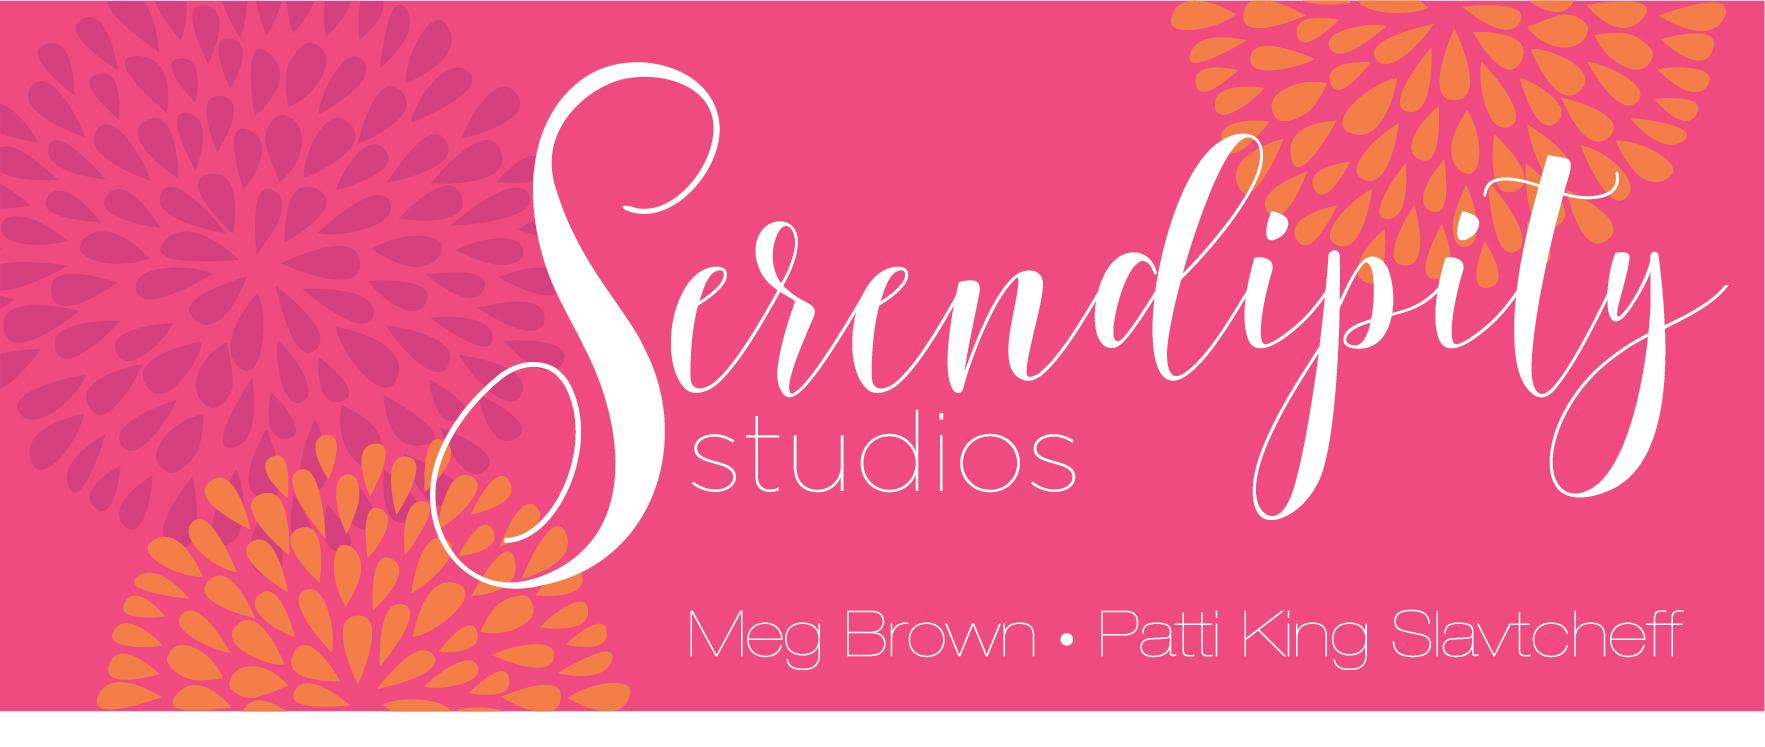 Serendipity Studios_Summer Logo.jpg